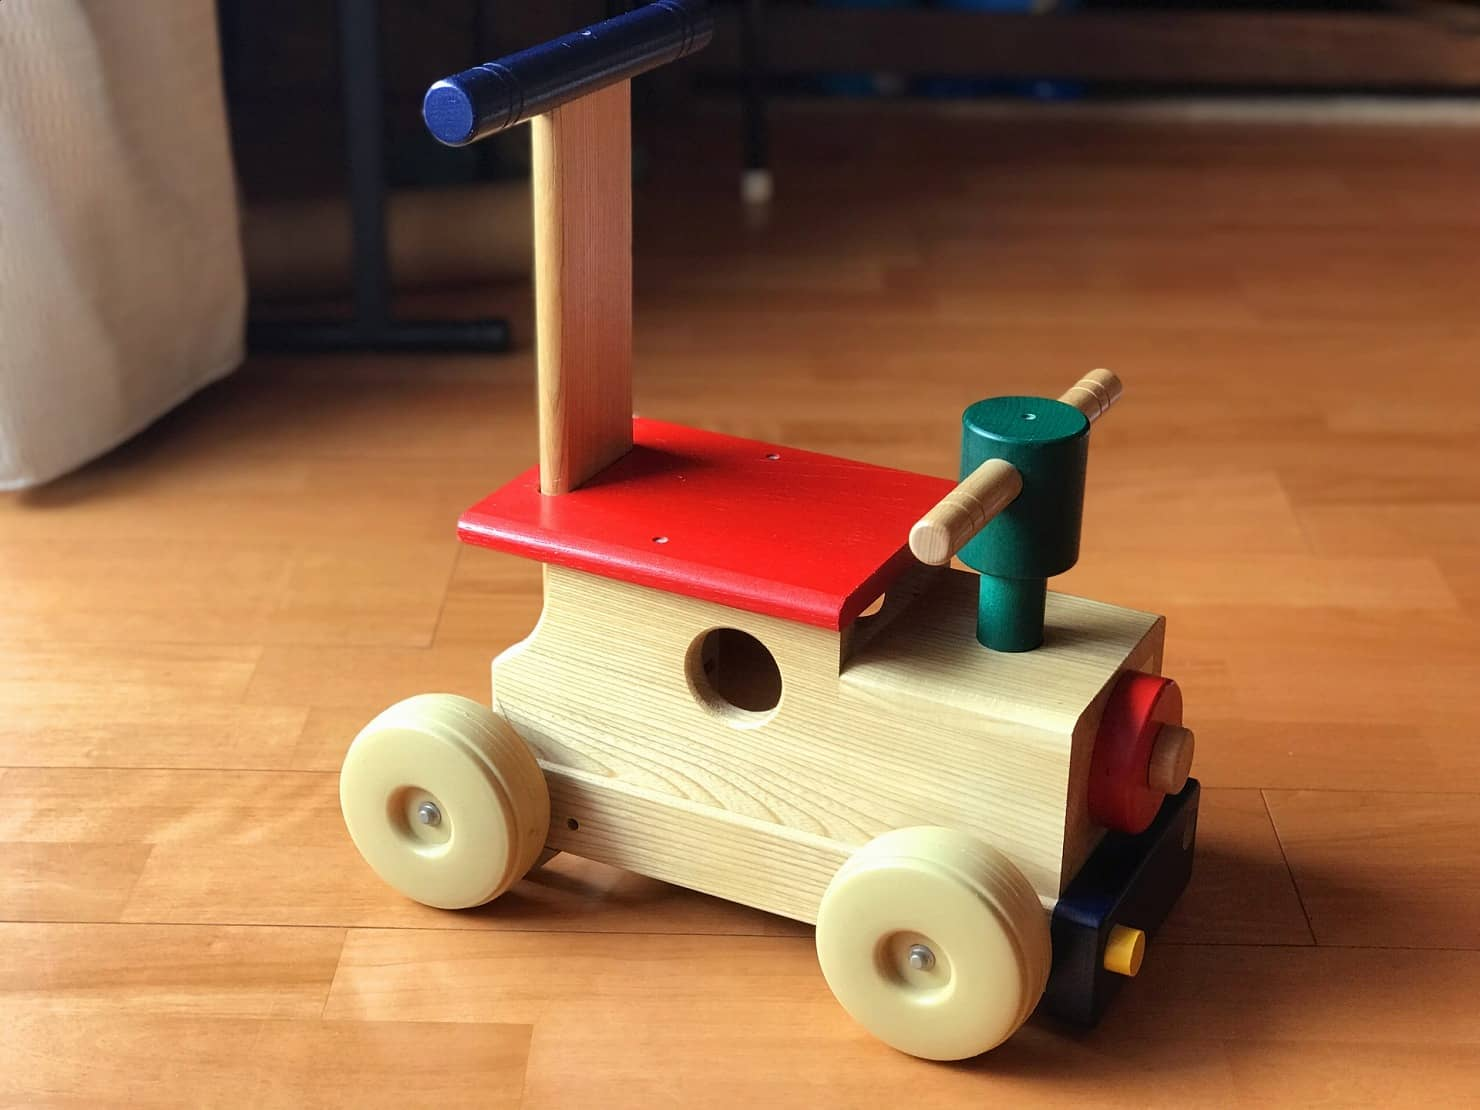 電車のおもちゃは木製がおすすめ。1歳半から年齢別に遊べる電車のおもちゃをご紹介